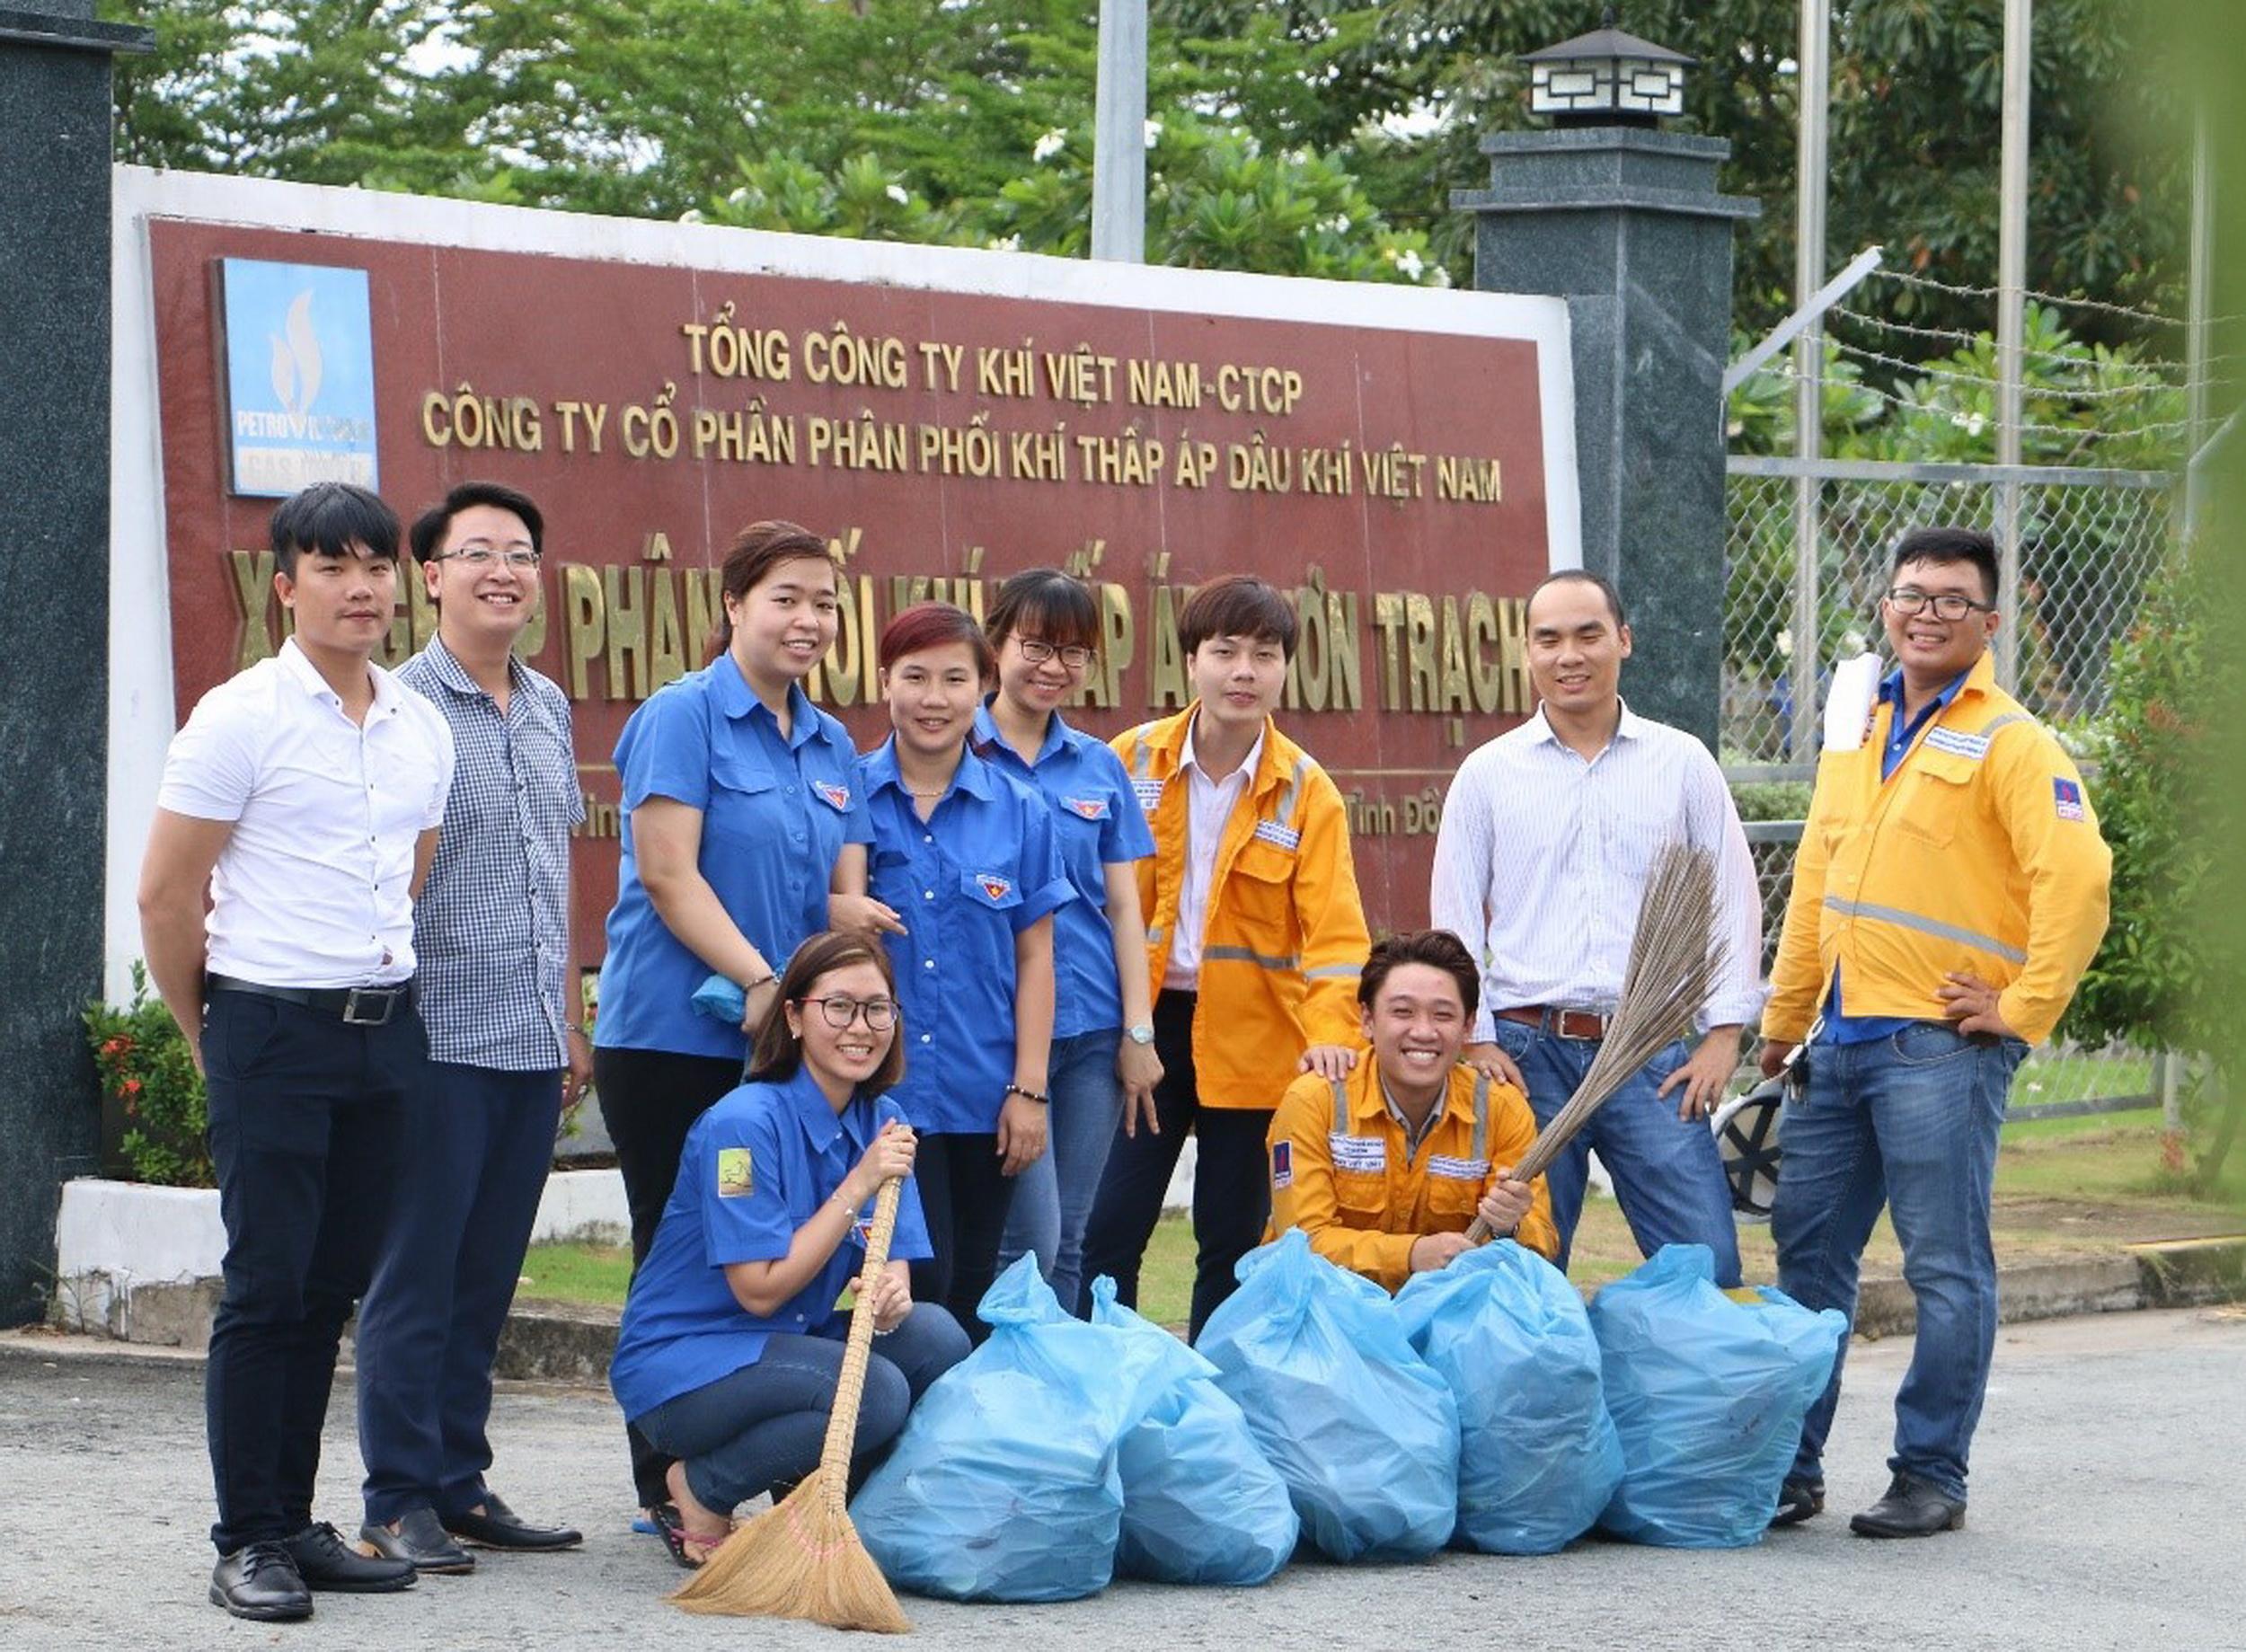 Các bạn trẻ PVGAS D tích cực tham gia các hoạt động giữ gìn môi trường xanh sạch đẹp